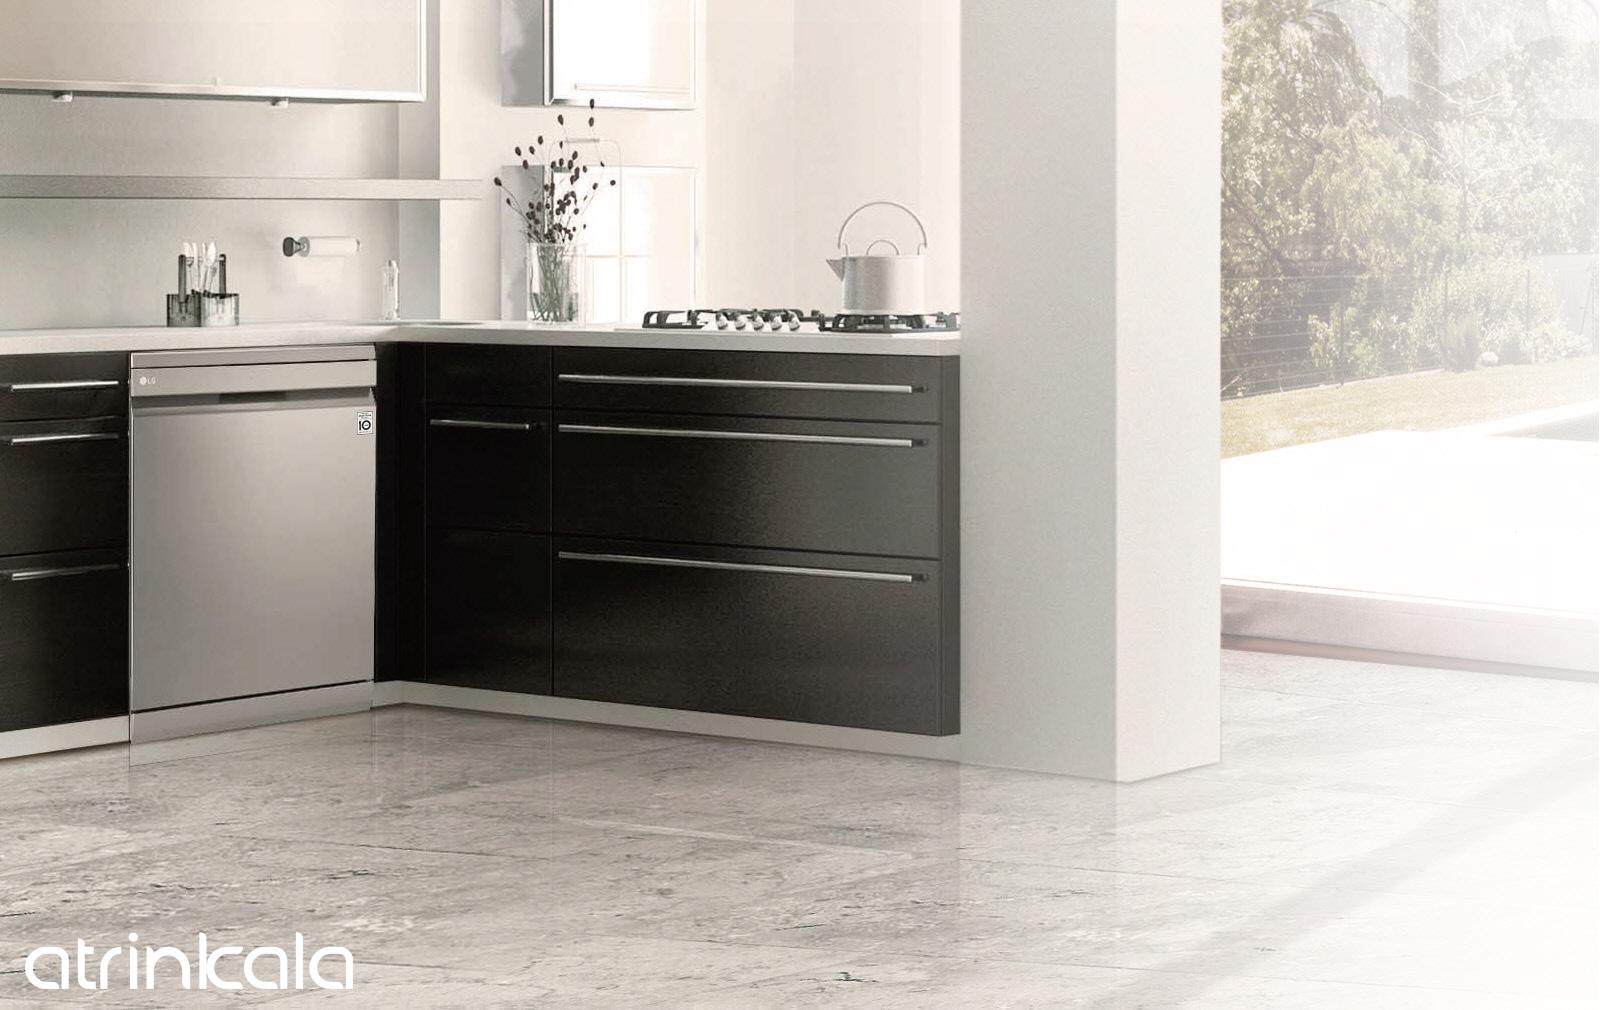 طراحی ظرفشویی ال جی